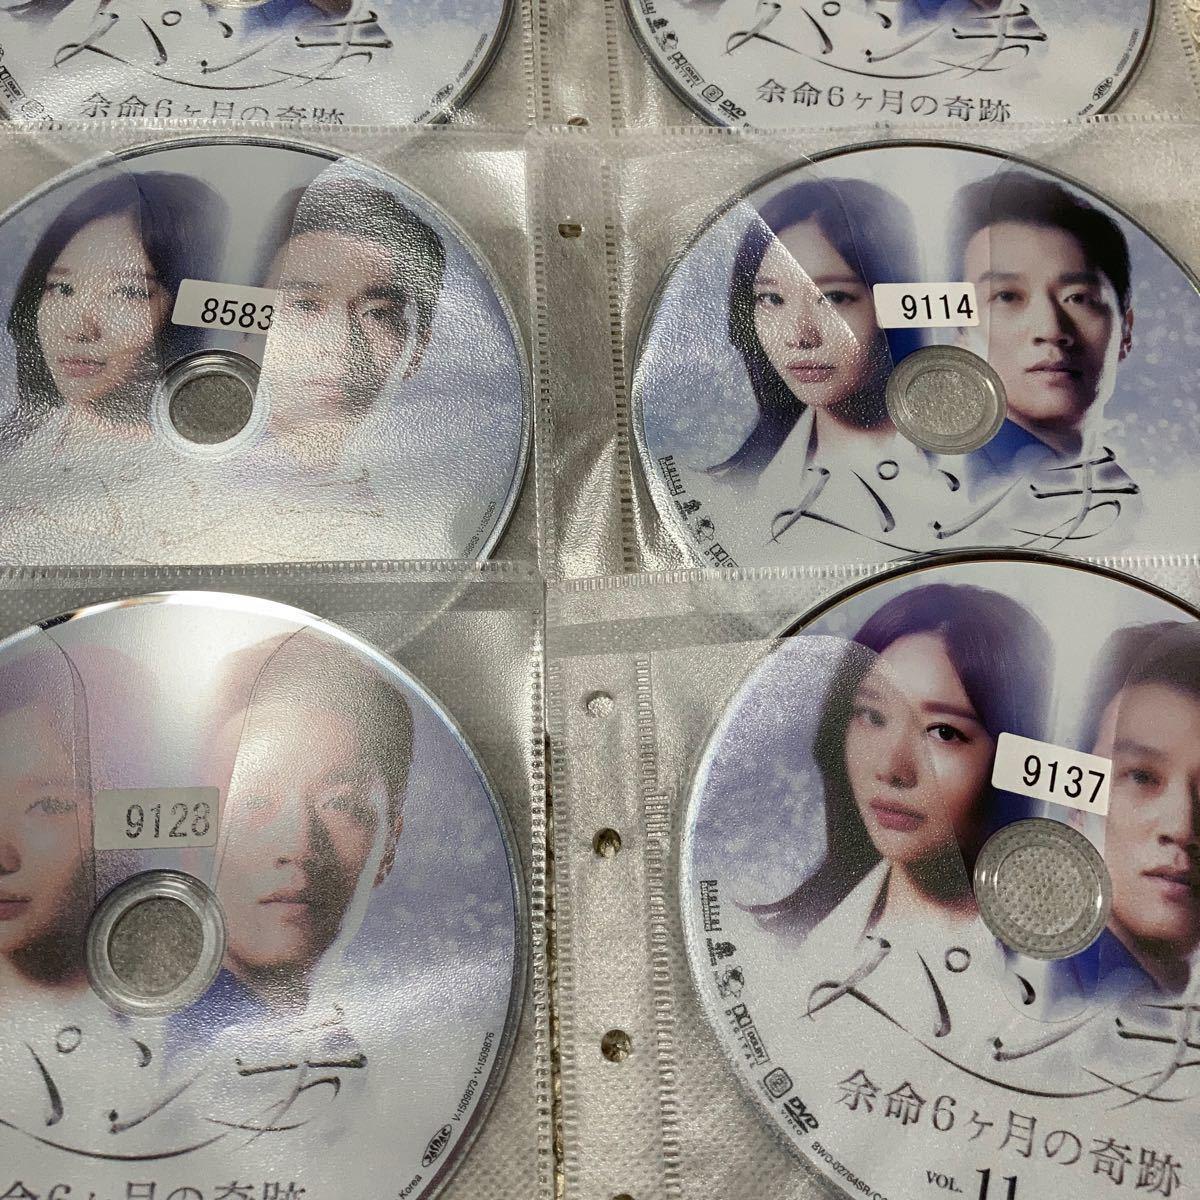 パンチ余命6ヶ月の奇跡★韓国ドラマ★レンタル落ち DVD全話★日本語吹替付★キムレウォン